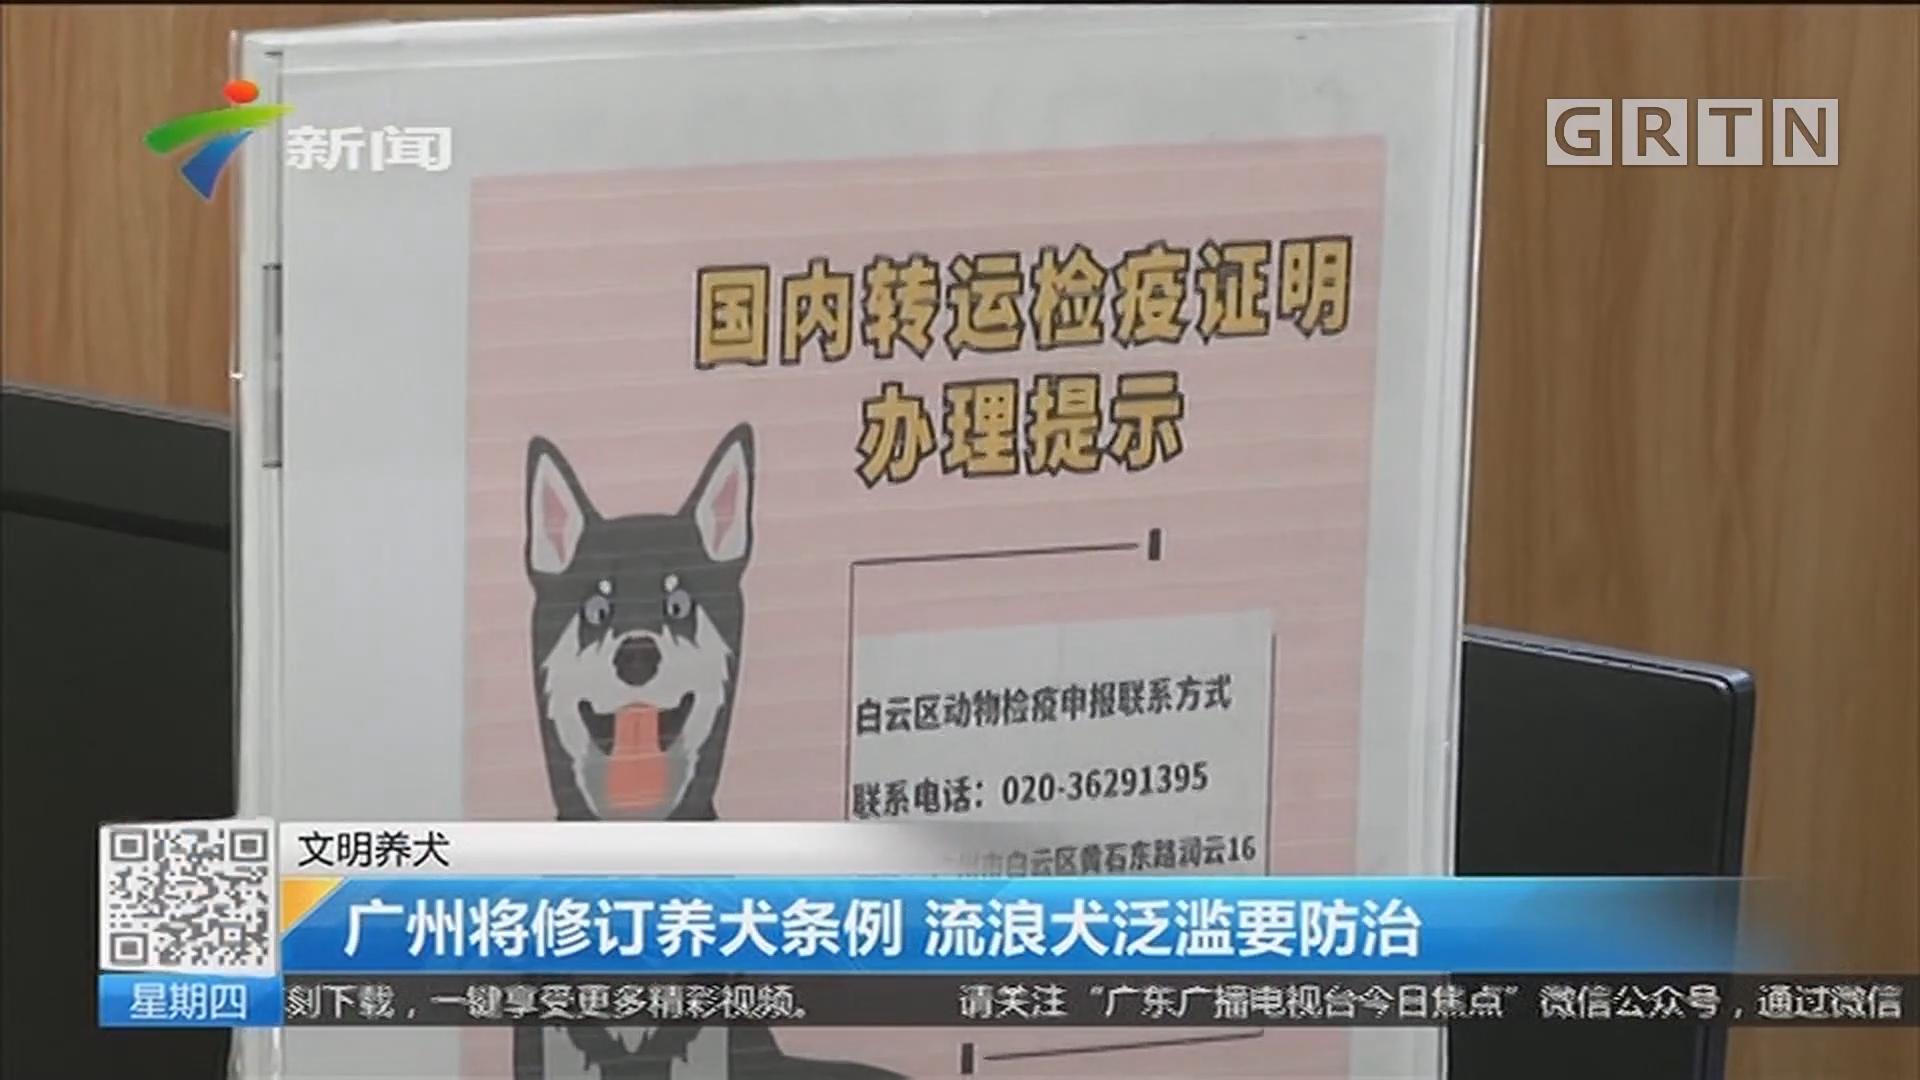 文明养犬:广州将修订养犬条例 流浪犬泛滥要防治